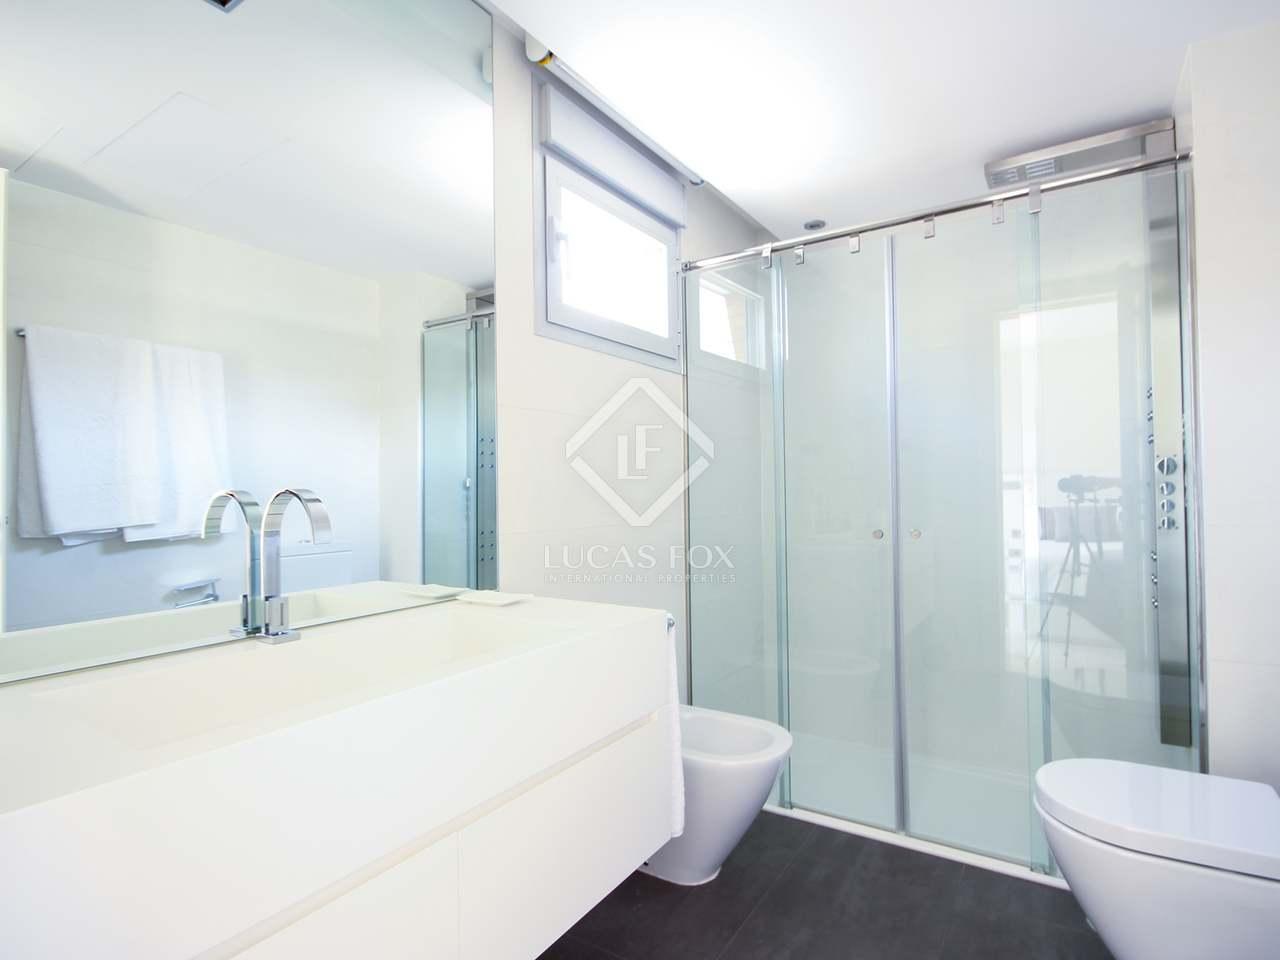 207m wohnung mit 10m terrasse zur miete in recoletos. Black Bedroom Furniture Sets. Home Design Ideas